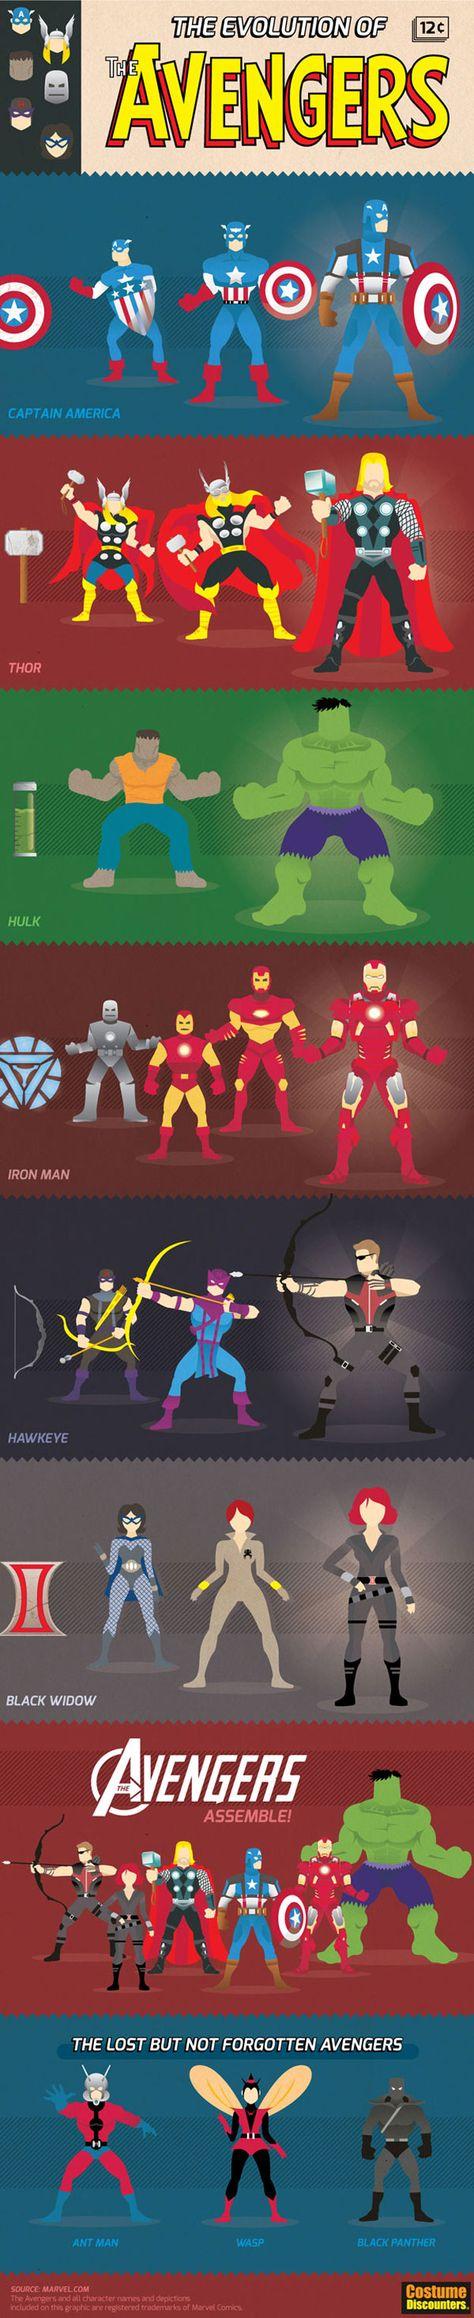 Évolution des #Avengers dans le temps